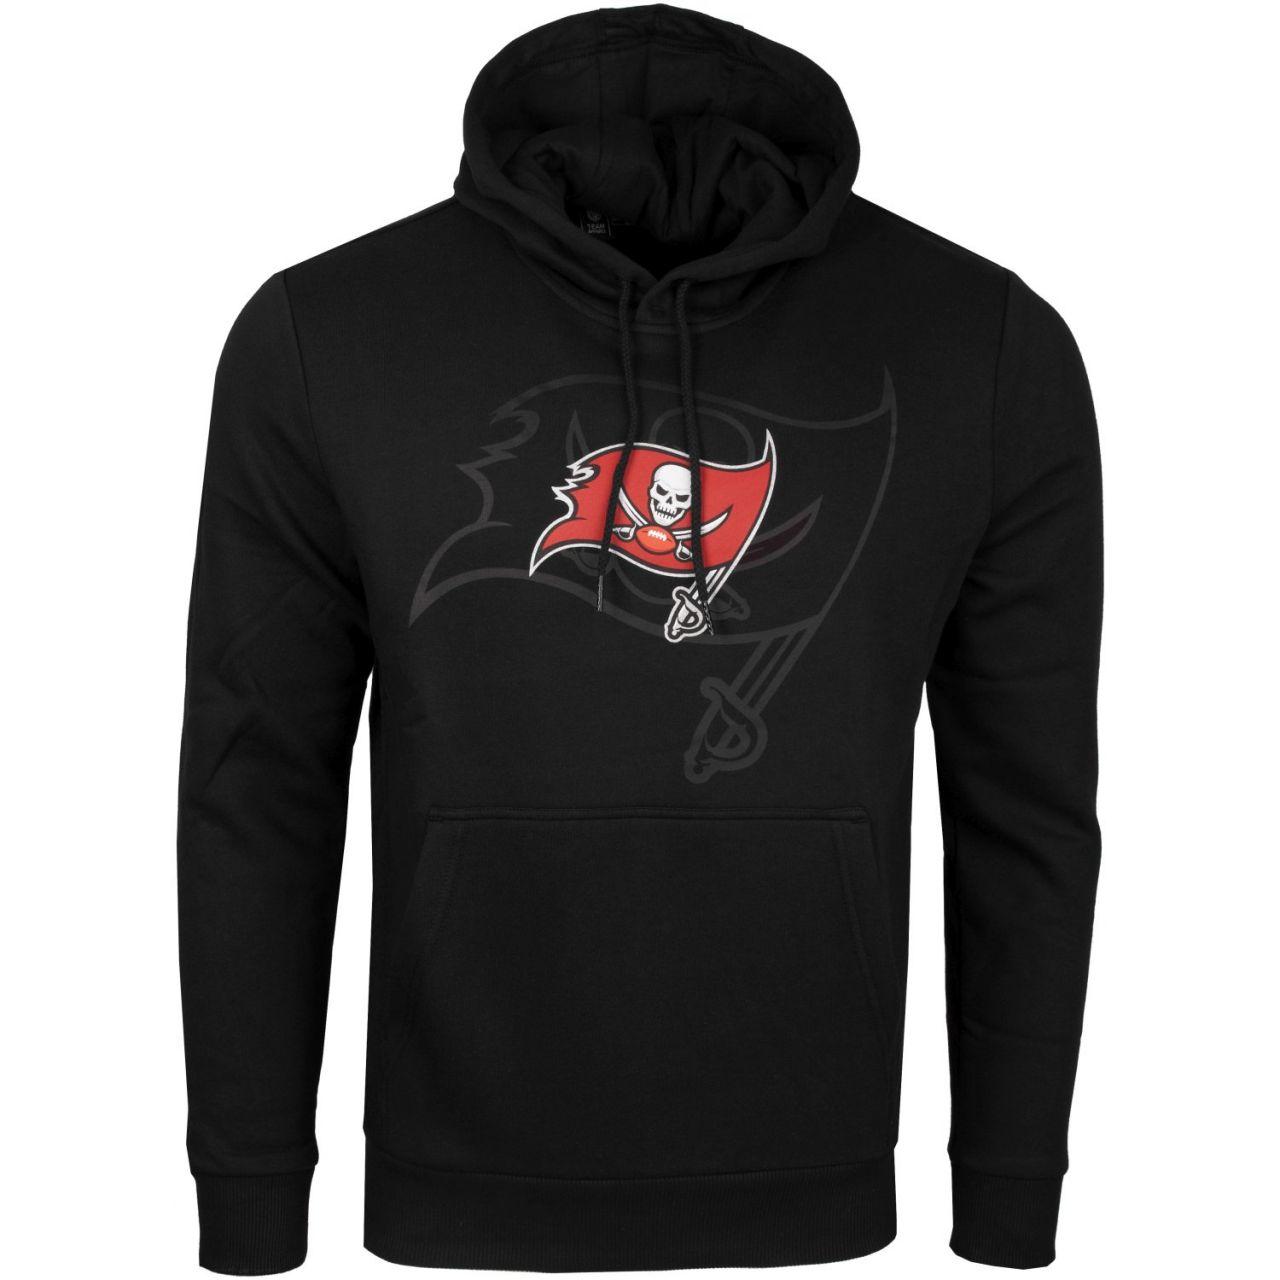 amfoo - New Era Fleece Hoody - NFL Tampa Bay Buccaneers 2.0